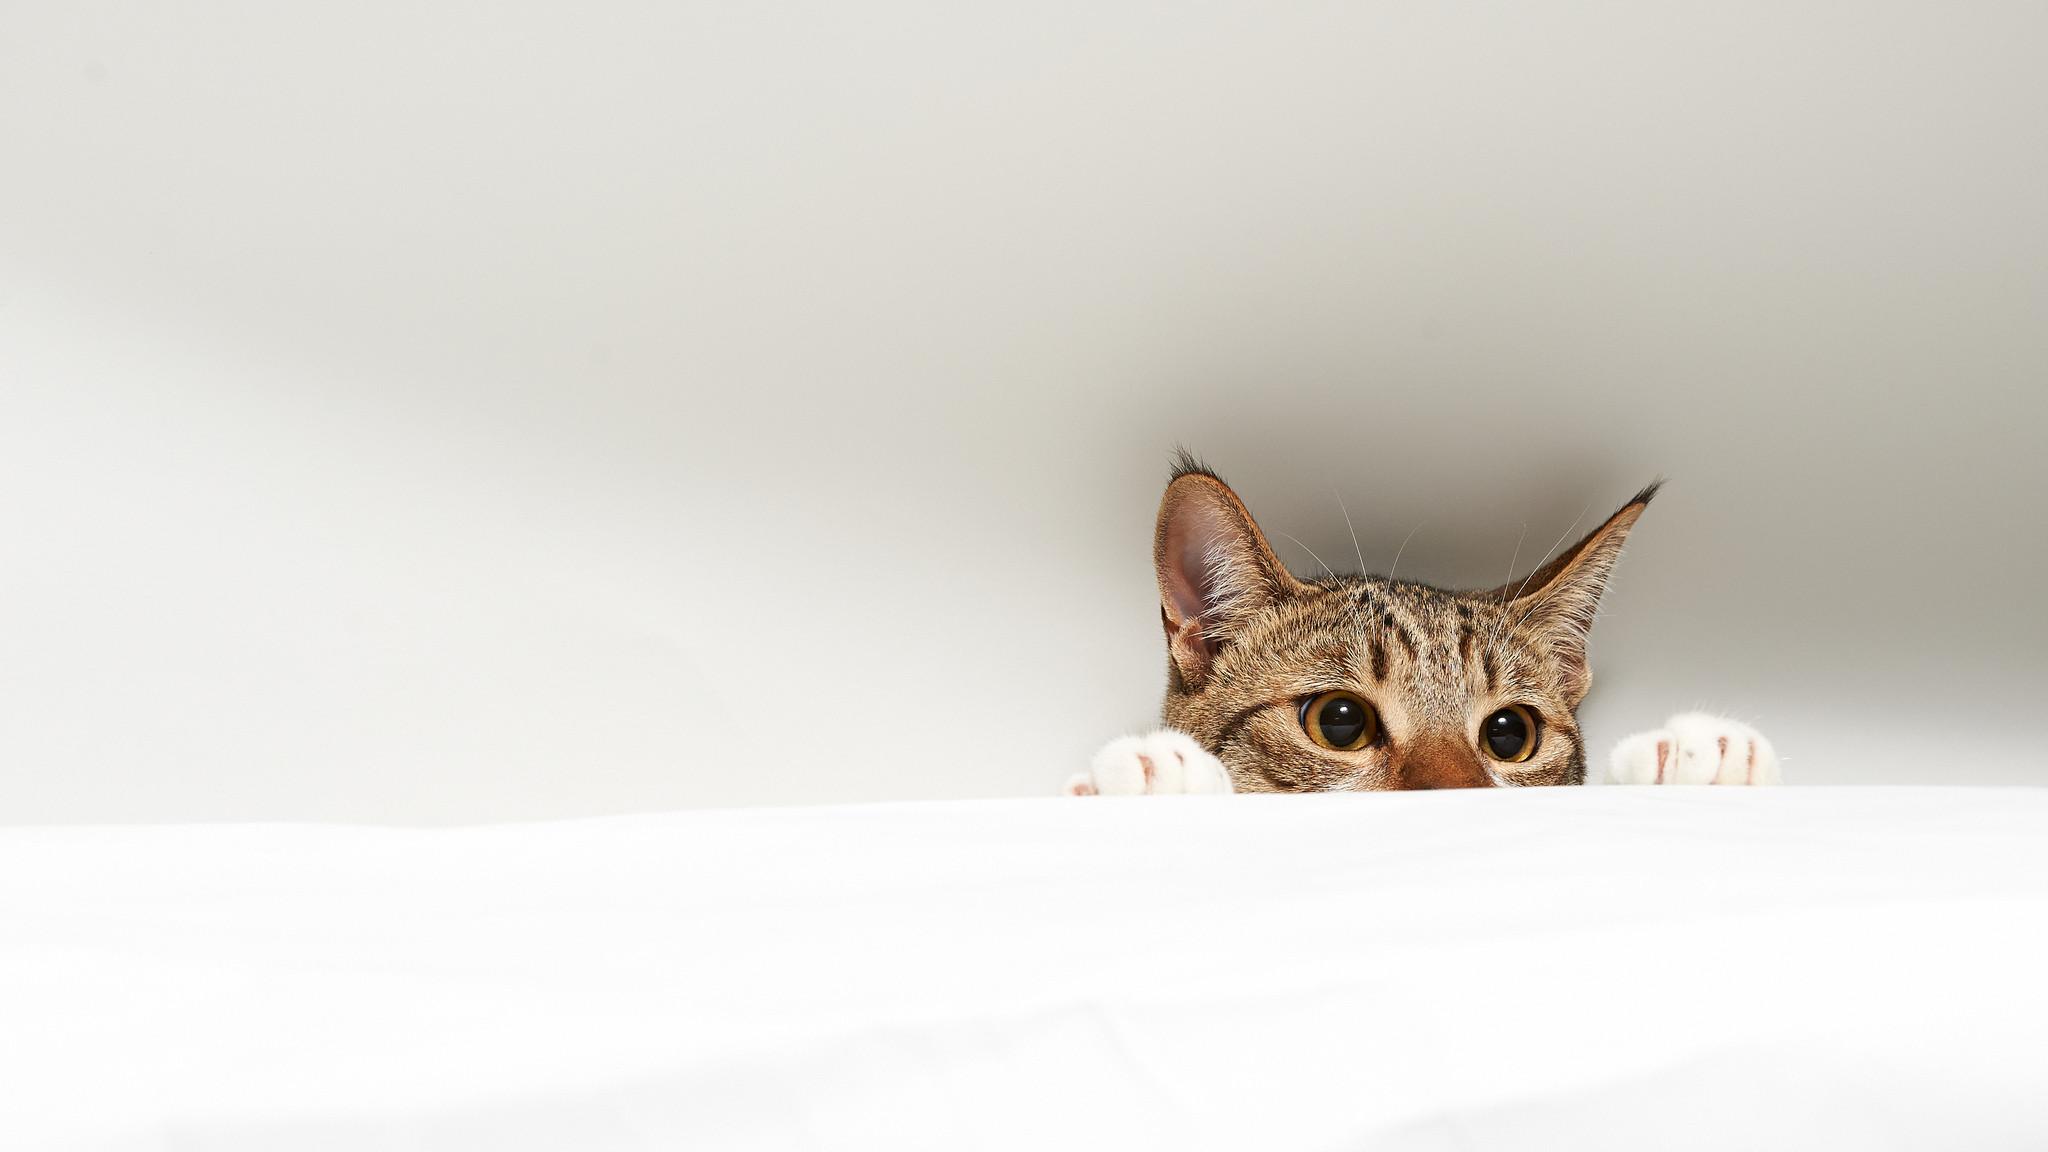 Cat Computer Wallpapers, Desktop Backgrounds | | ID:414891